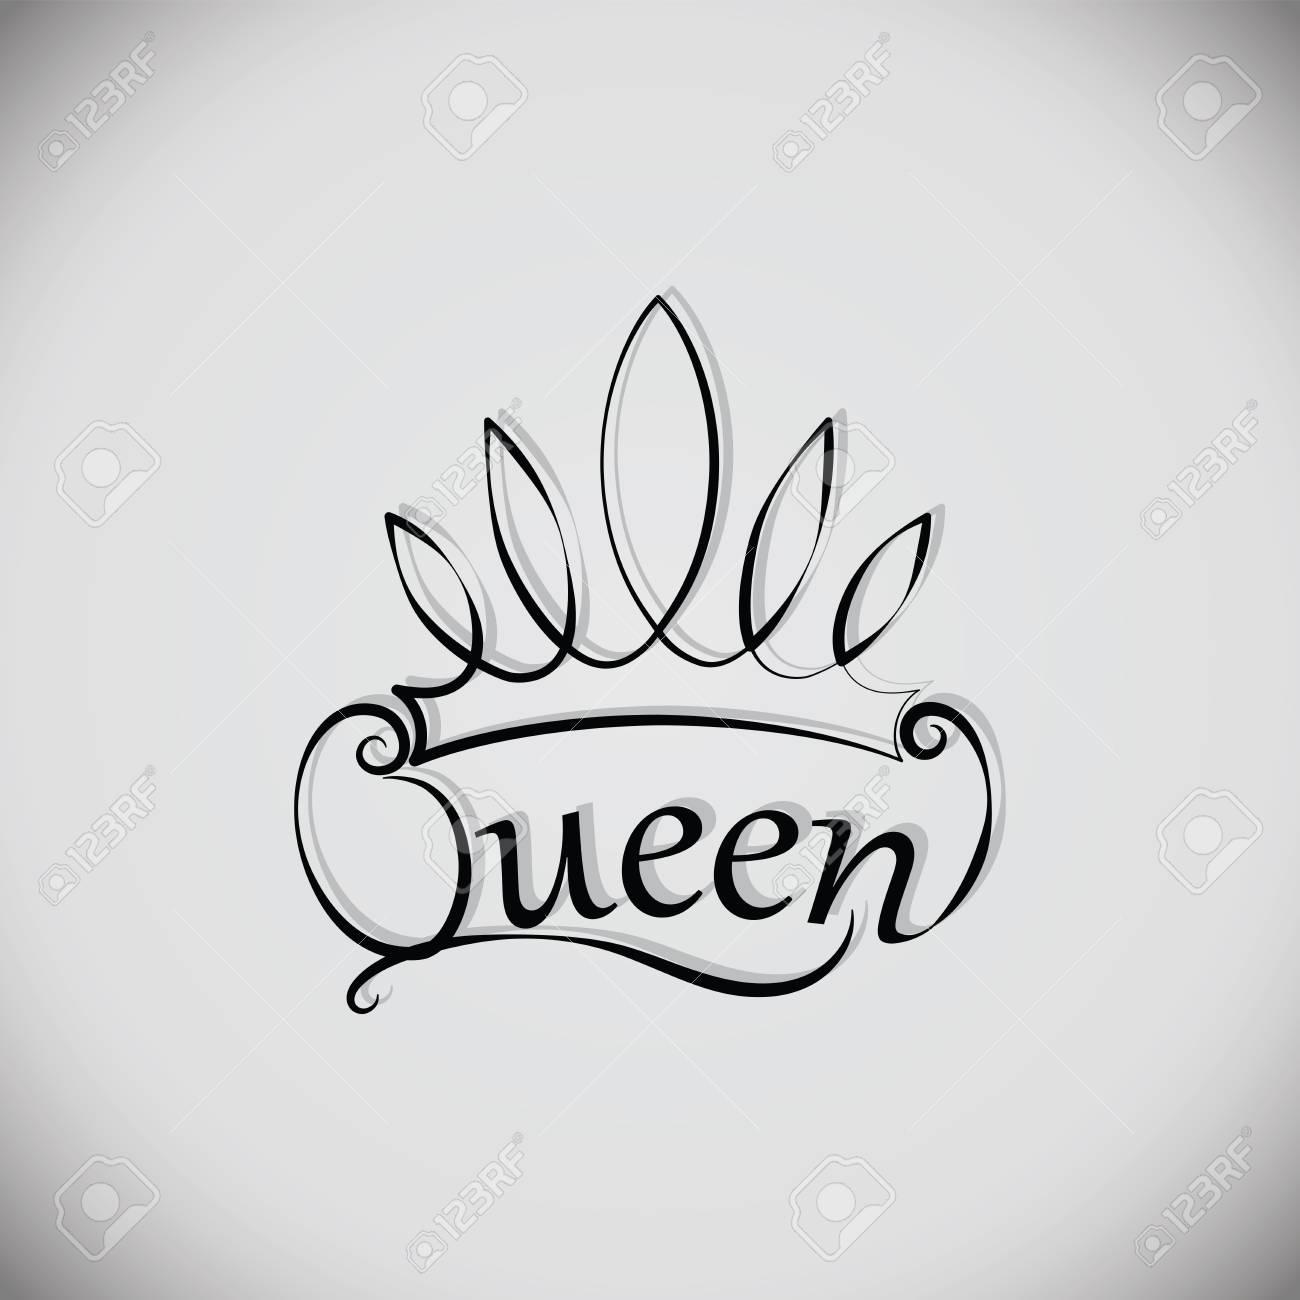 Reina Y La Corona Emblema Logotipo Insignia Dibujo El Elemento